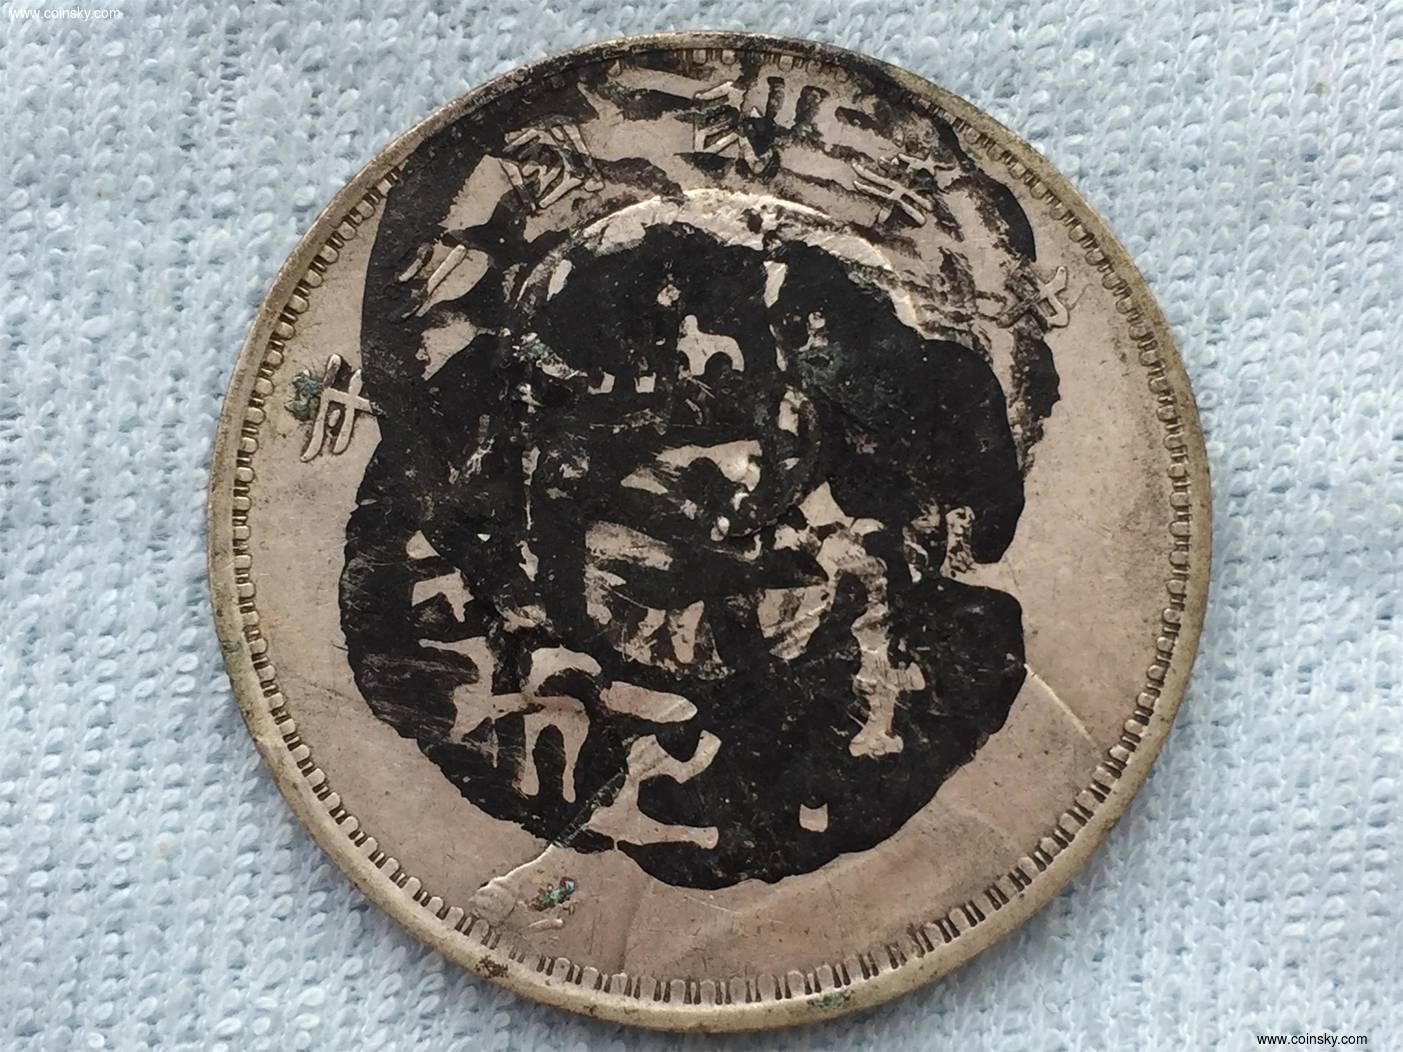 特浓墨印(墨印中为何字不认识),整币未流通状态,带底光,大头标准器边图片